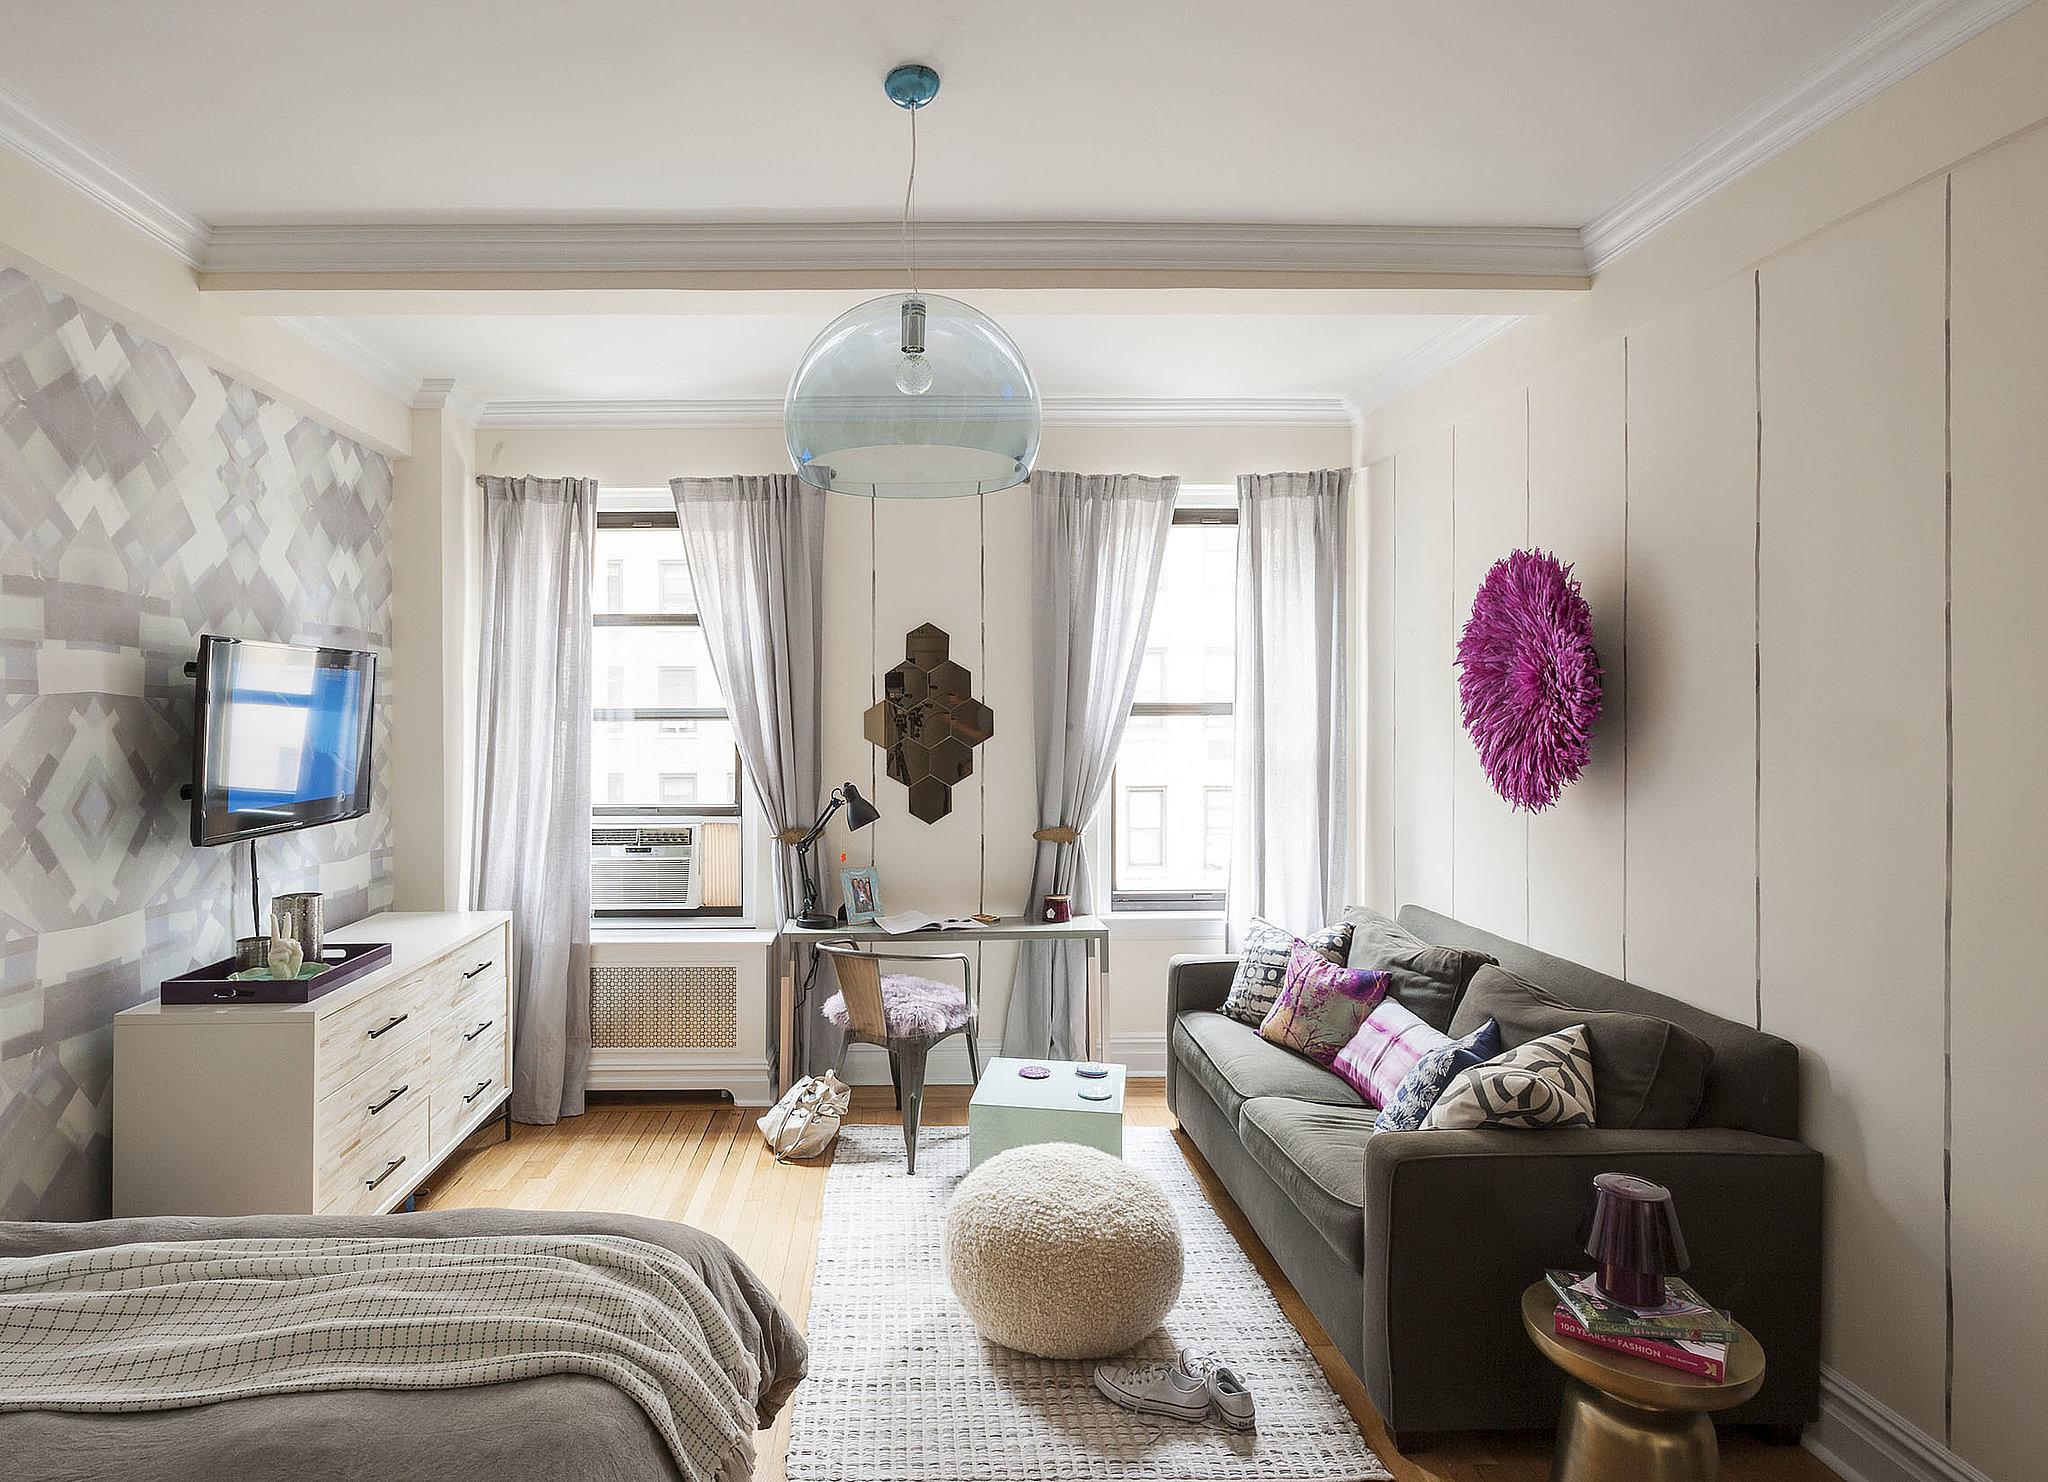 Дизайн обоев для однокомнатной квартиры с абстракцией